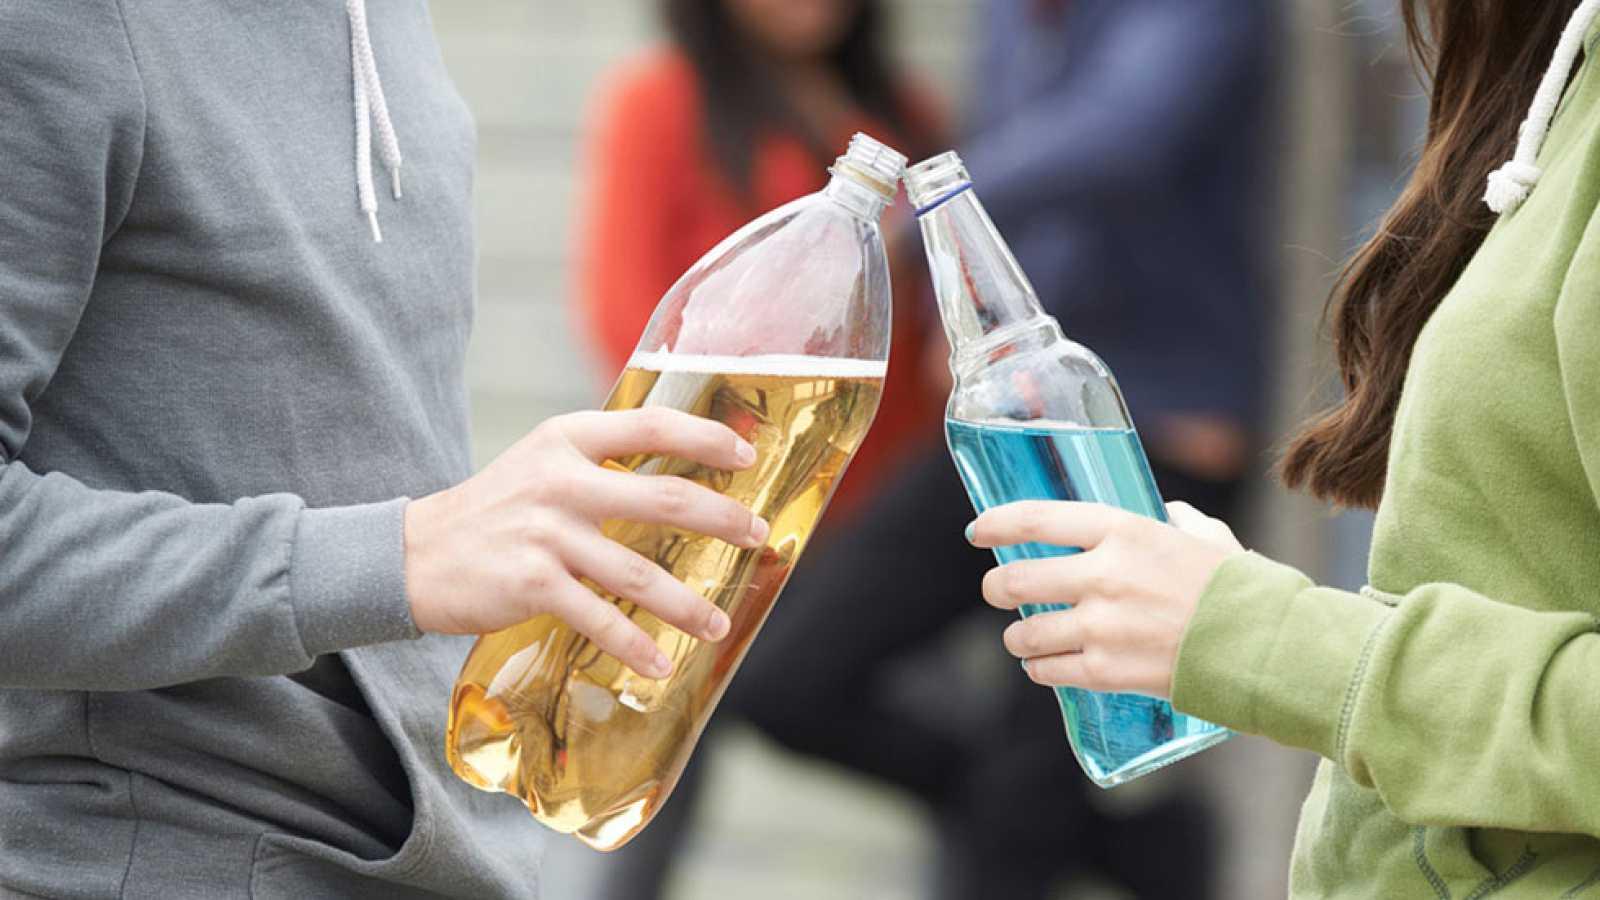 La FAD quiere que la sociedad considere que el alcohol en los menores es un problema de todos